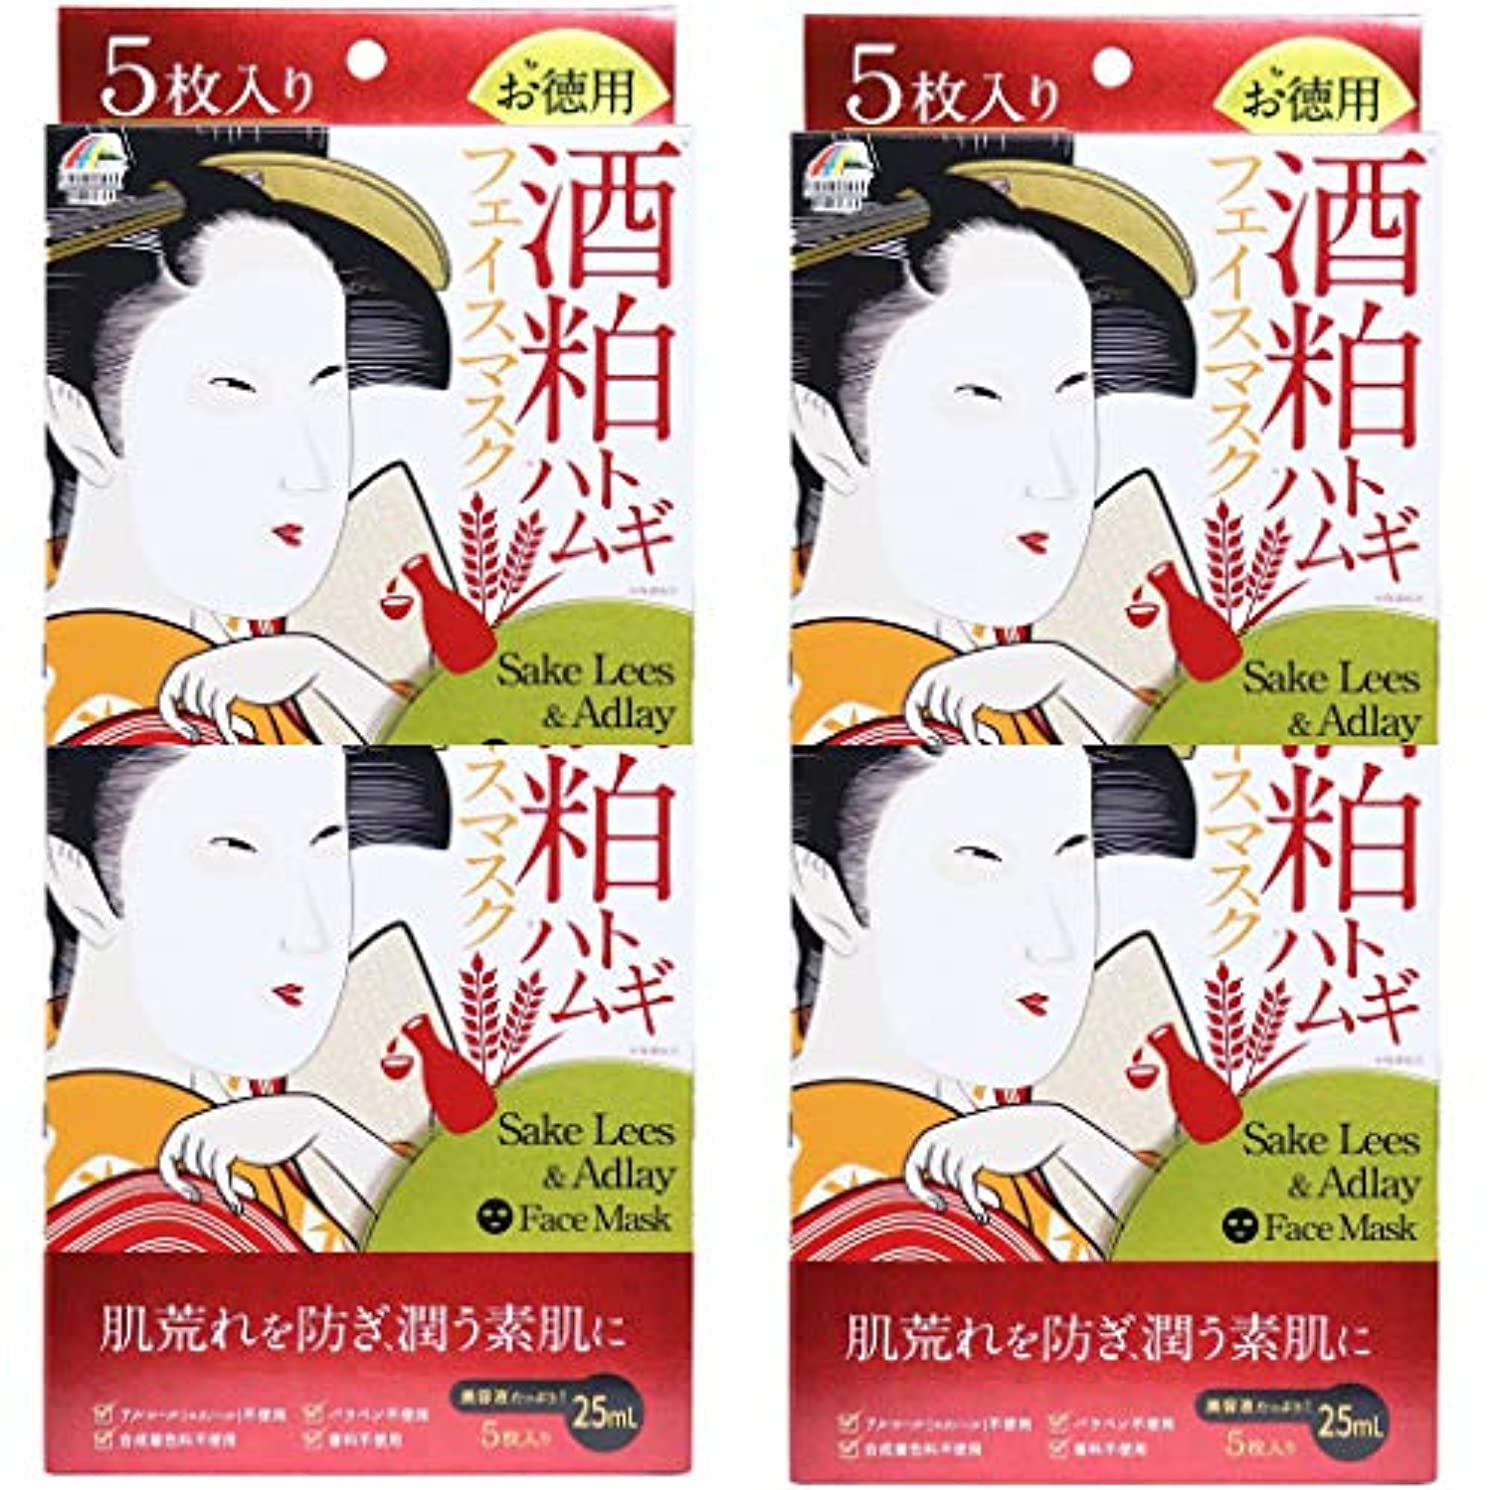 コメンテーター隣人美容師【まとめ購入】酒粕ハトムギフェイスマスク【5枚入X4箱】